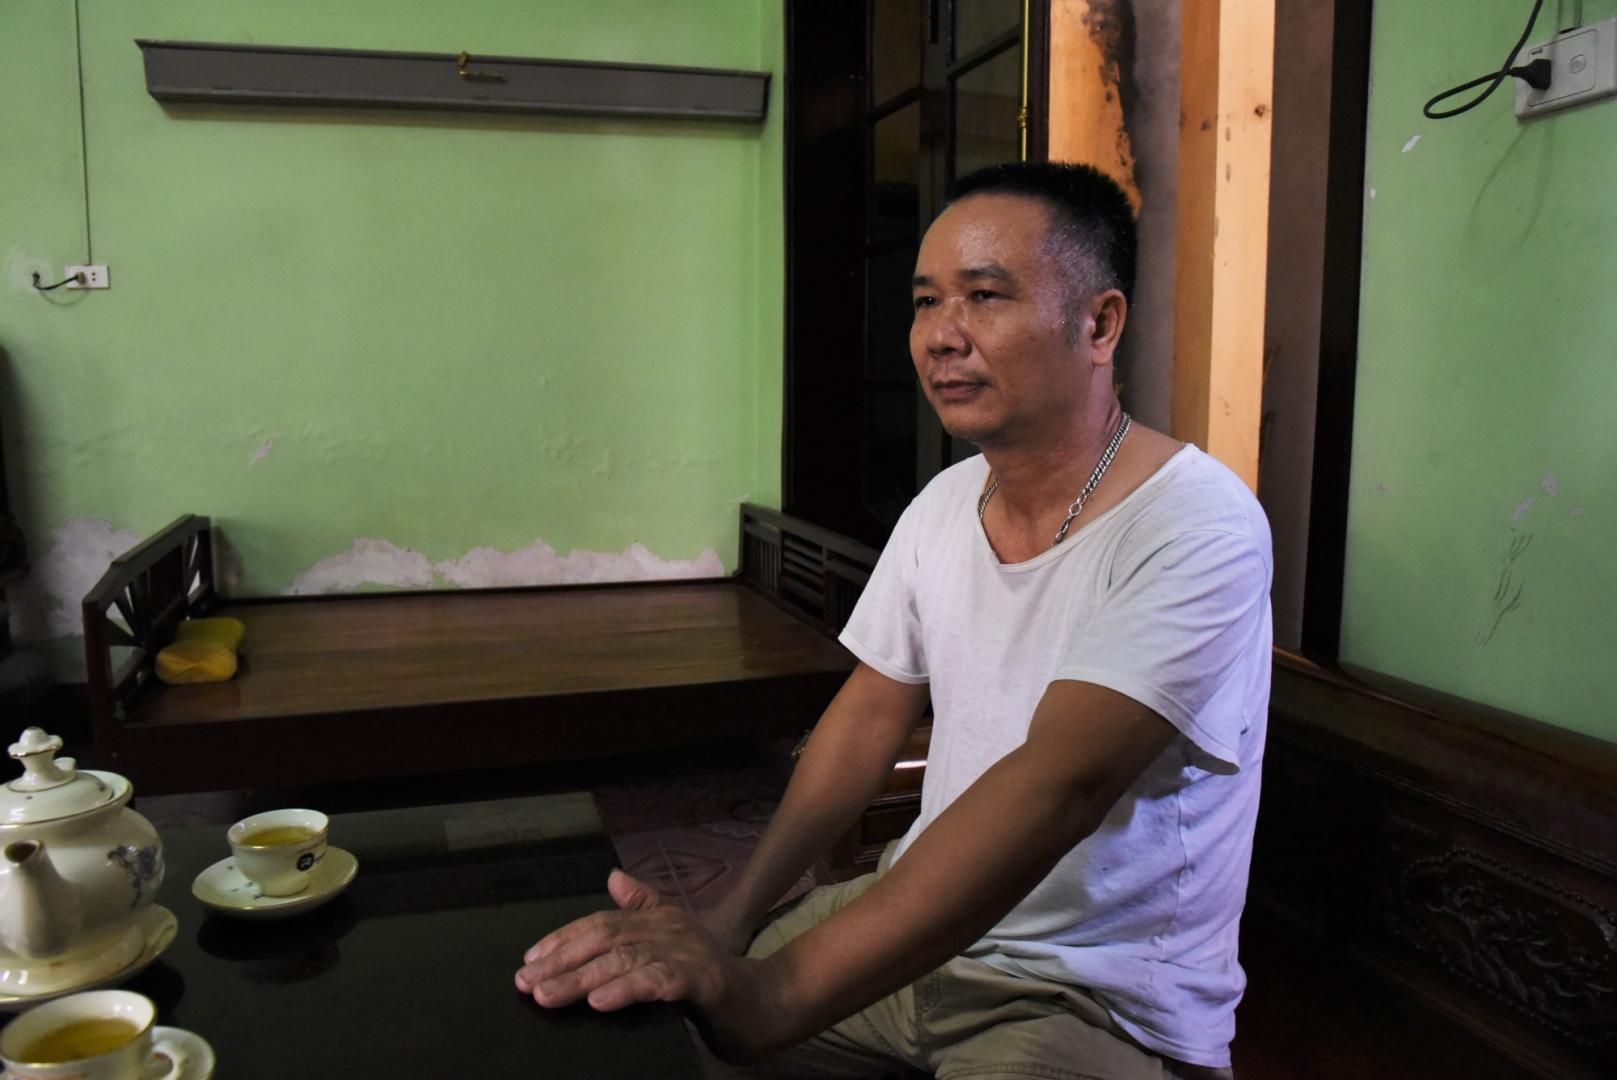 Nguyen Van Hai — владелец змеиной фермы в деревне Винь Сон. Навыки по разведению и уходу за ядовитыми змеями Van Hai перенял от своего отца